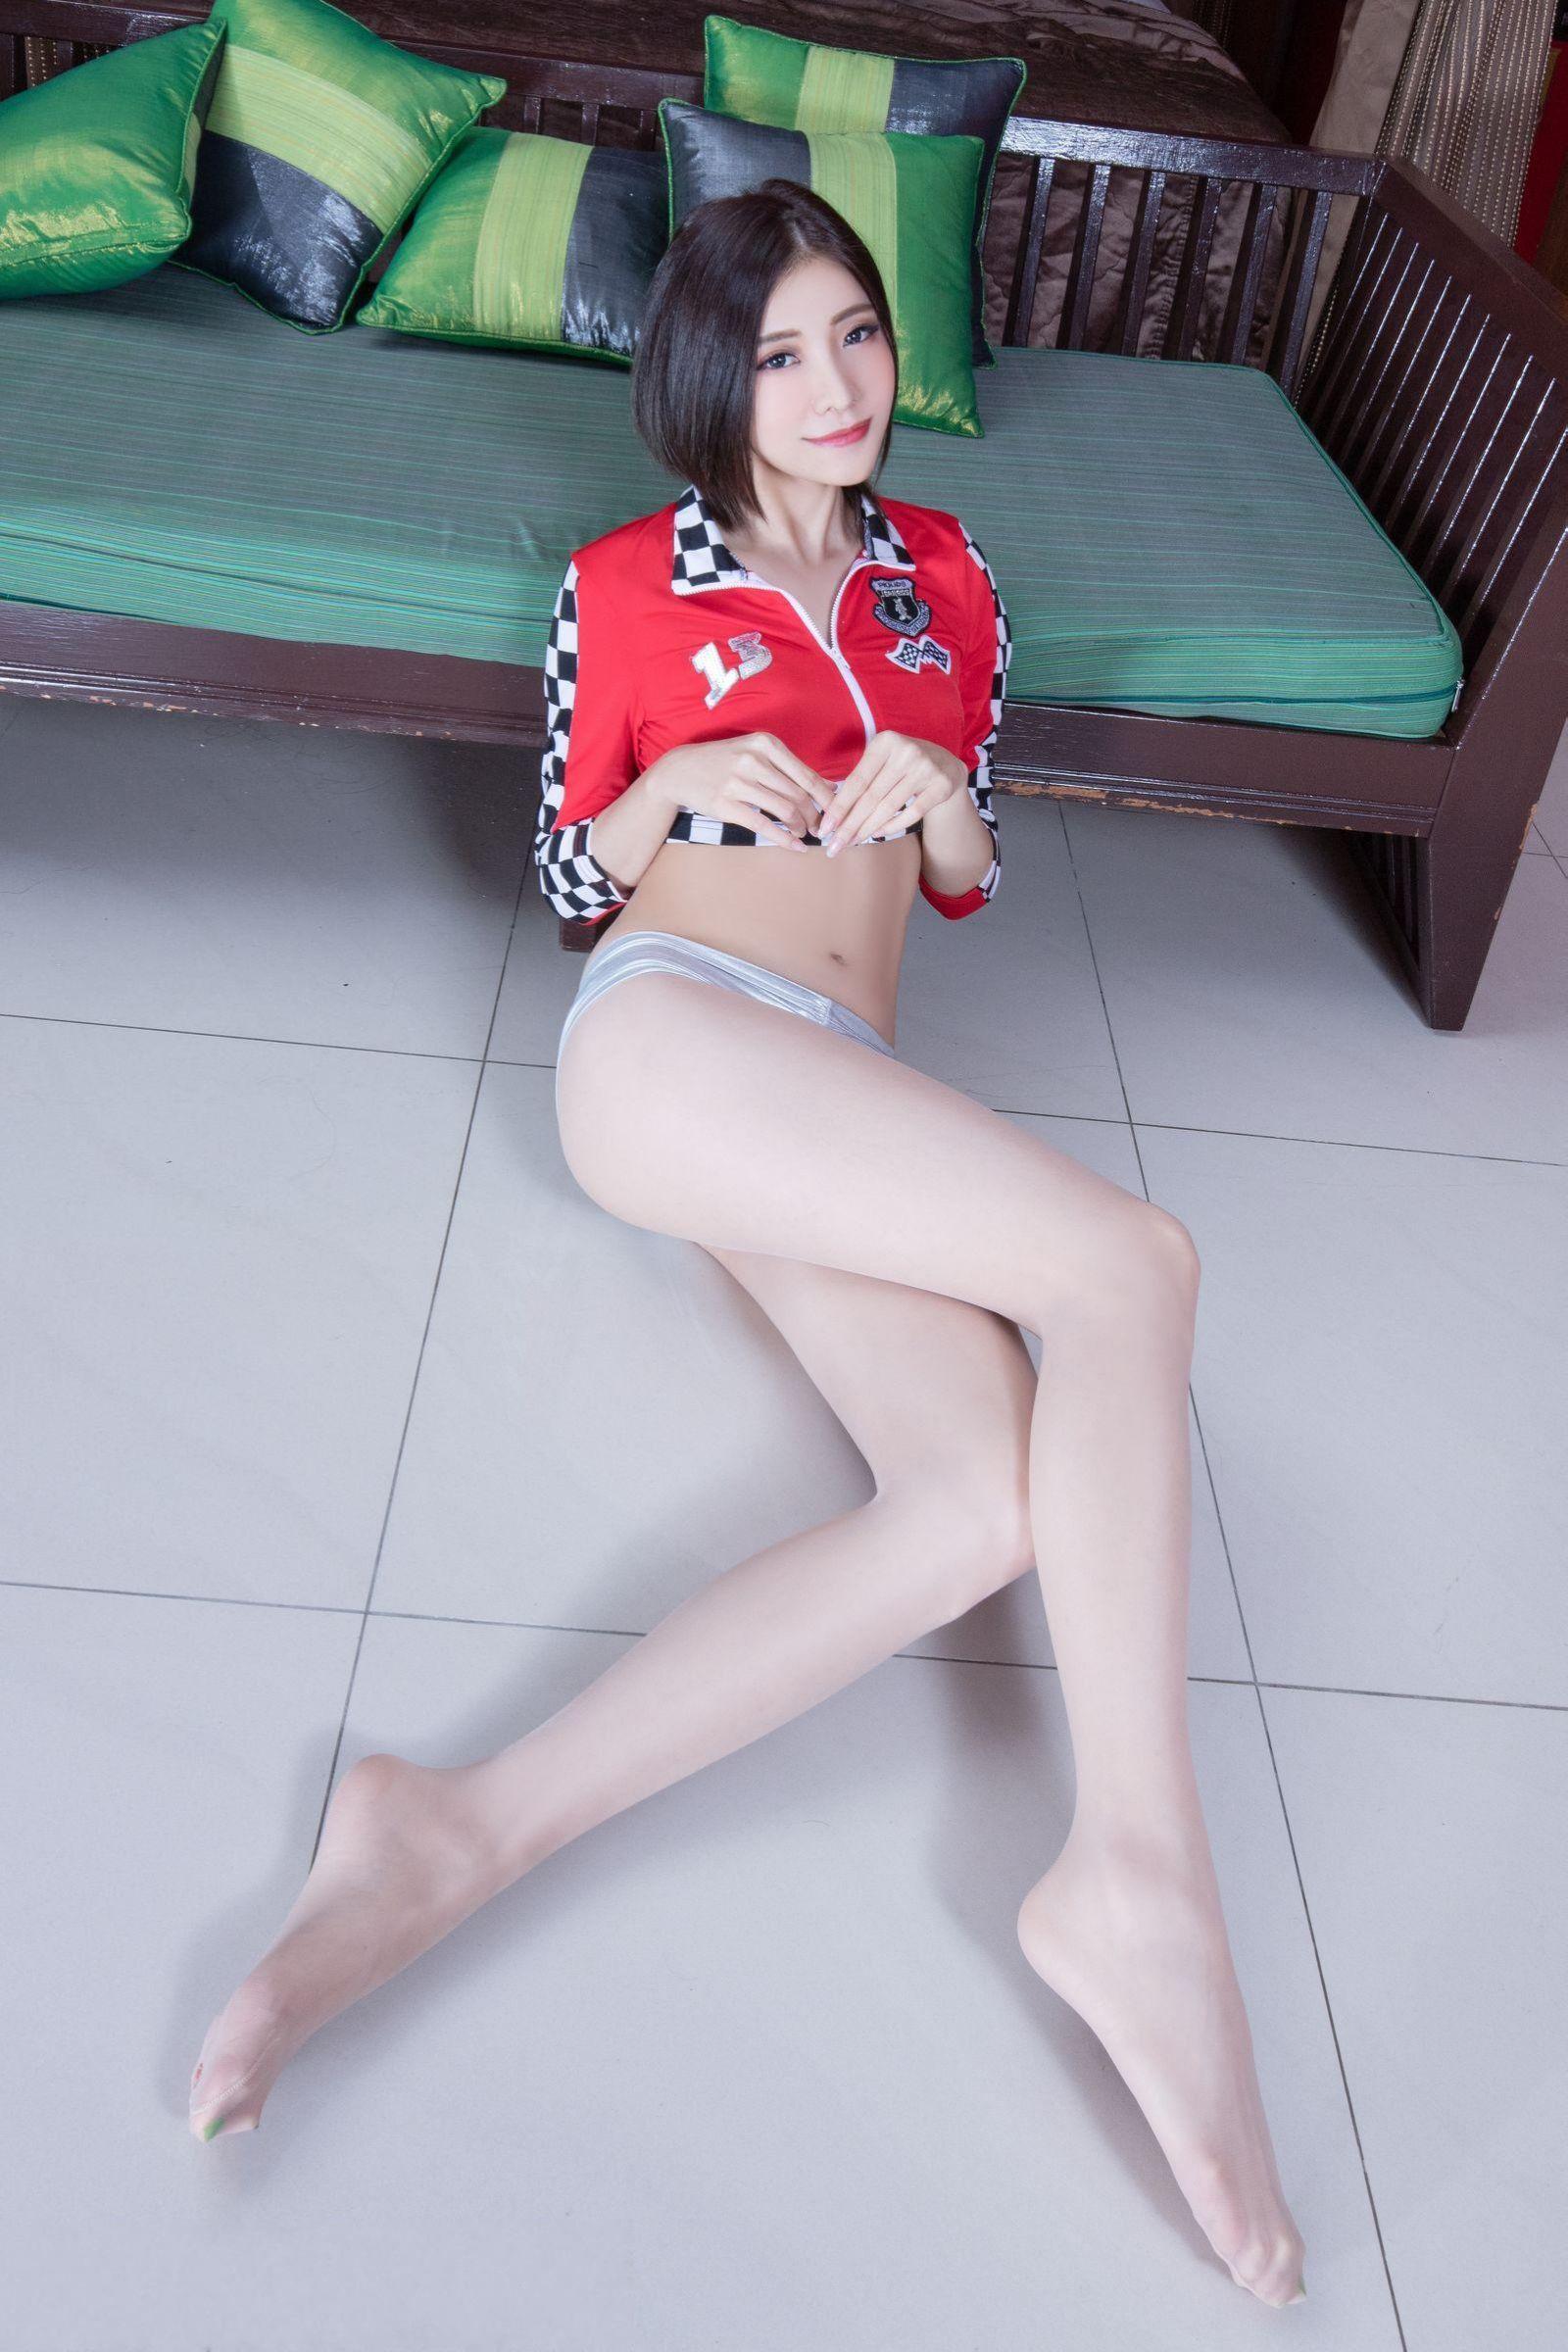 滑丝袜台湾佬_台湾美女abby大胆丝袜美腿性感诱惑写真图片